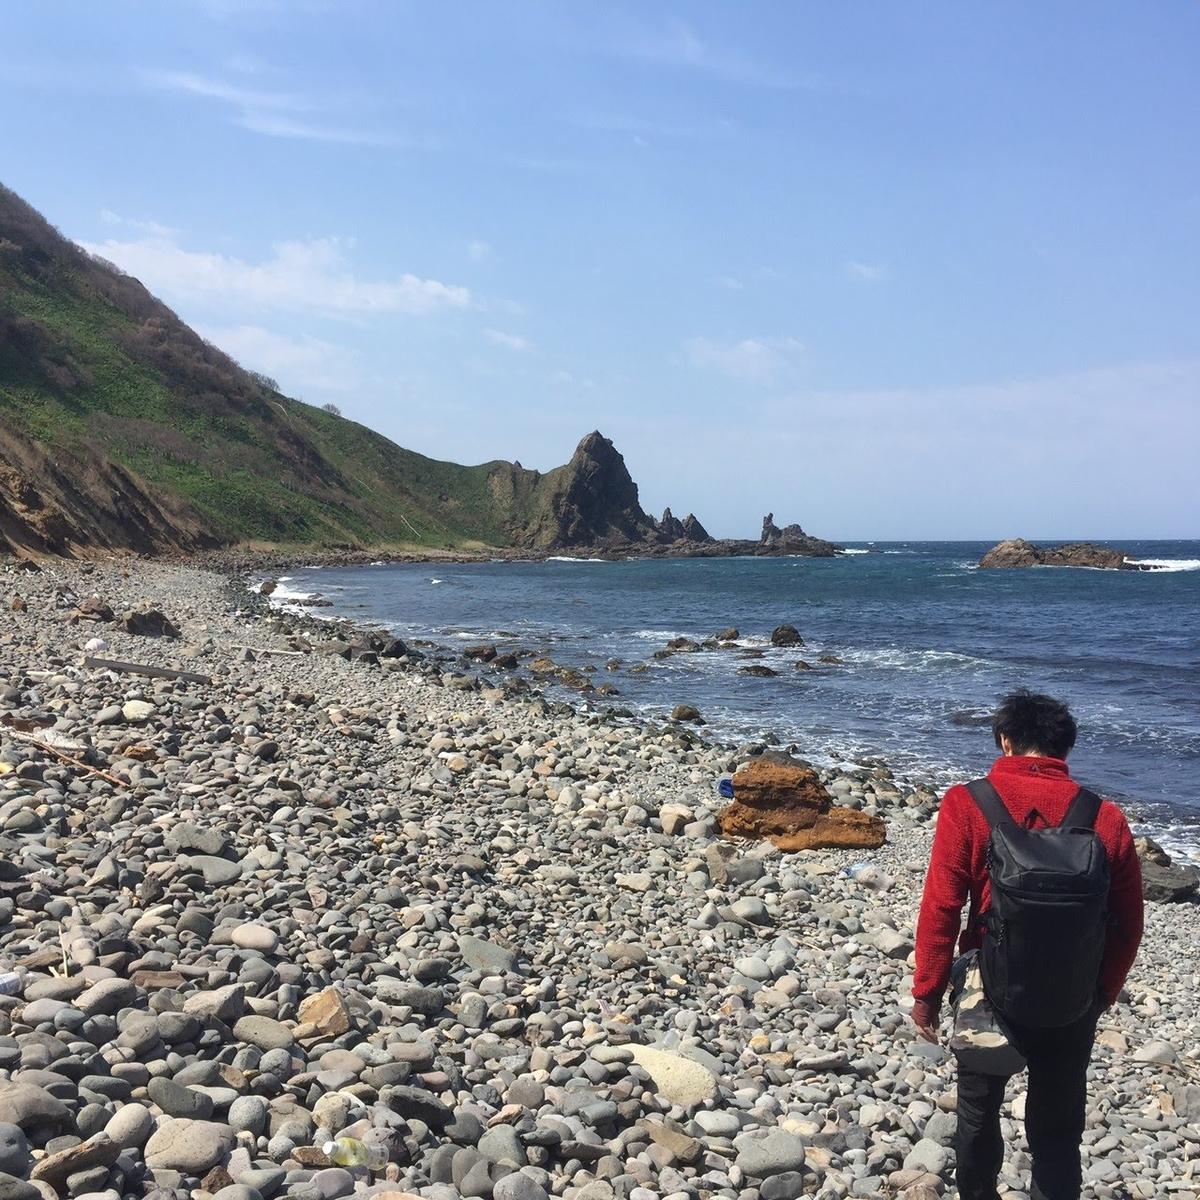 積丹の岩場に続く海岸を歩くkuro隊員